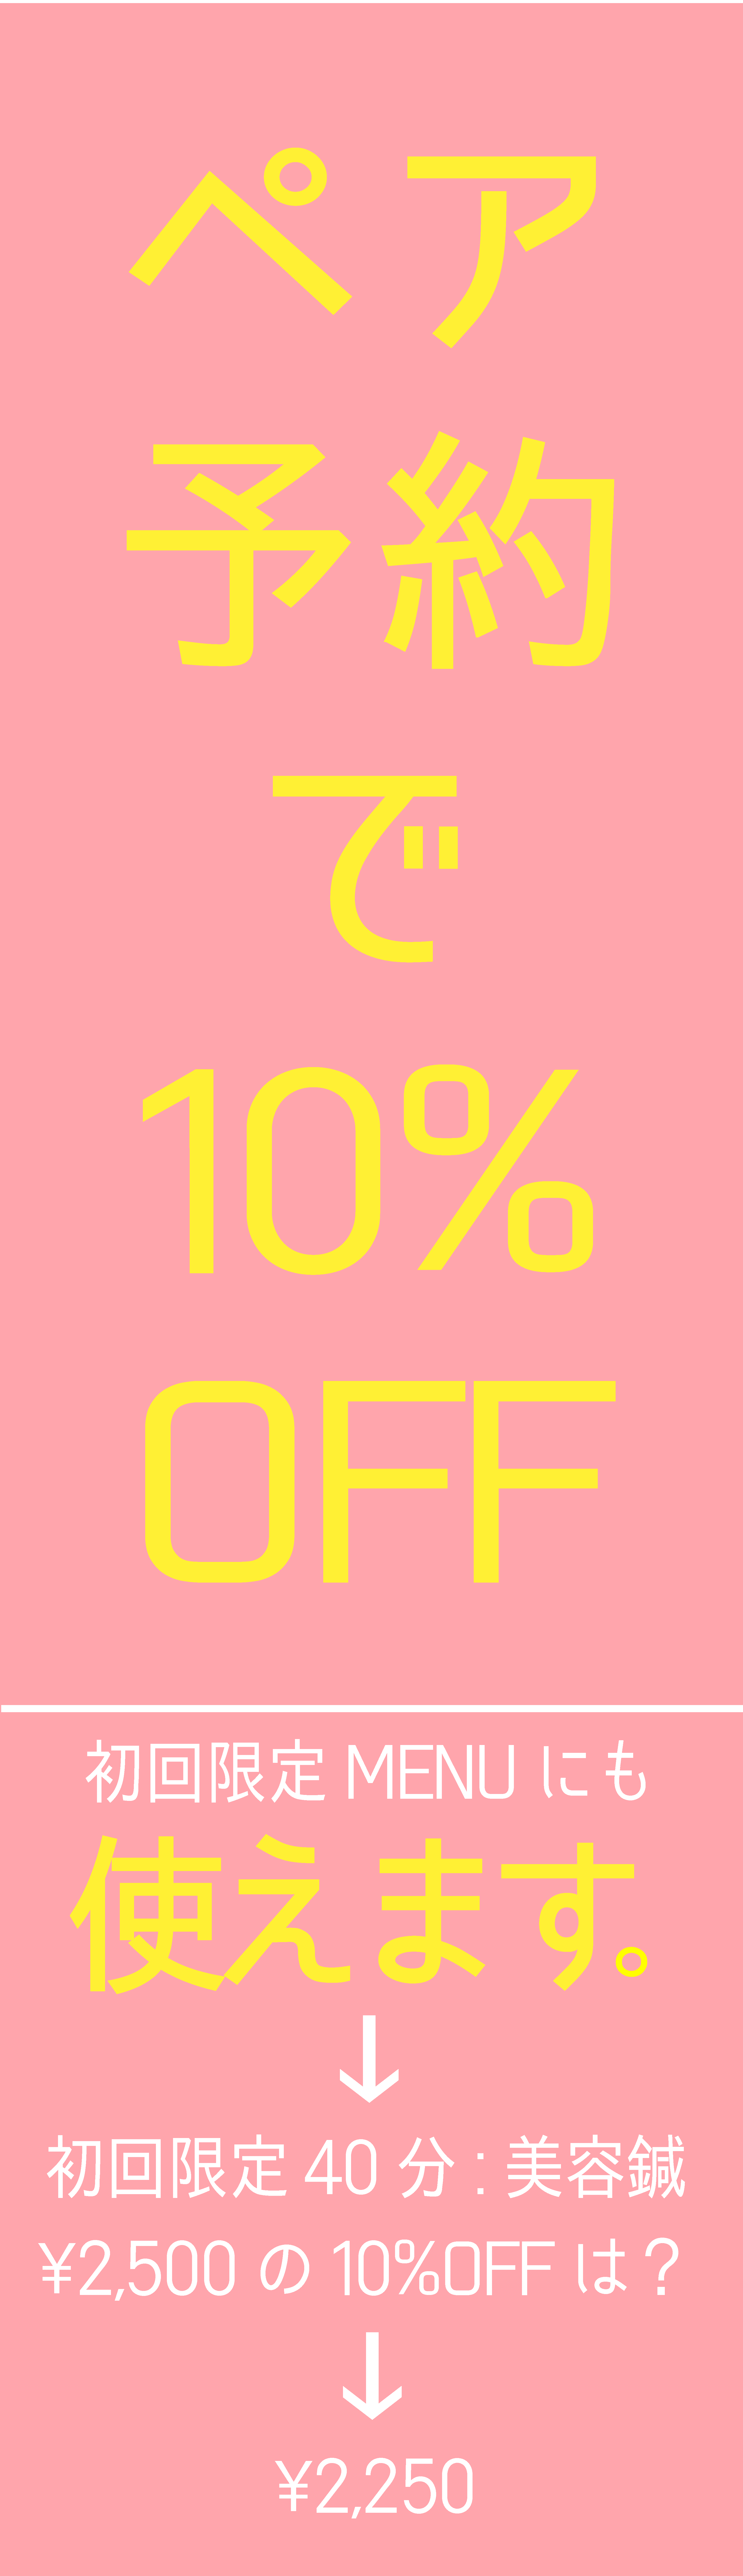 ペア 予約 で 10% OFF 初回限定MENUにも 使えます。 初回限定40分:美容鍼 ¥2,500の10%OFFは? ¥2,250